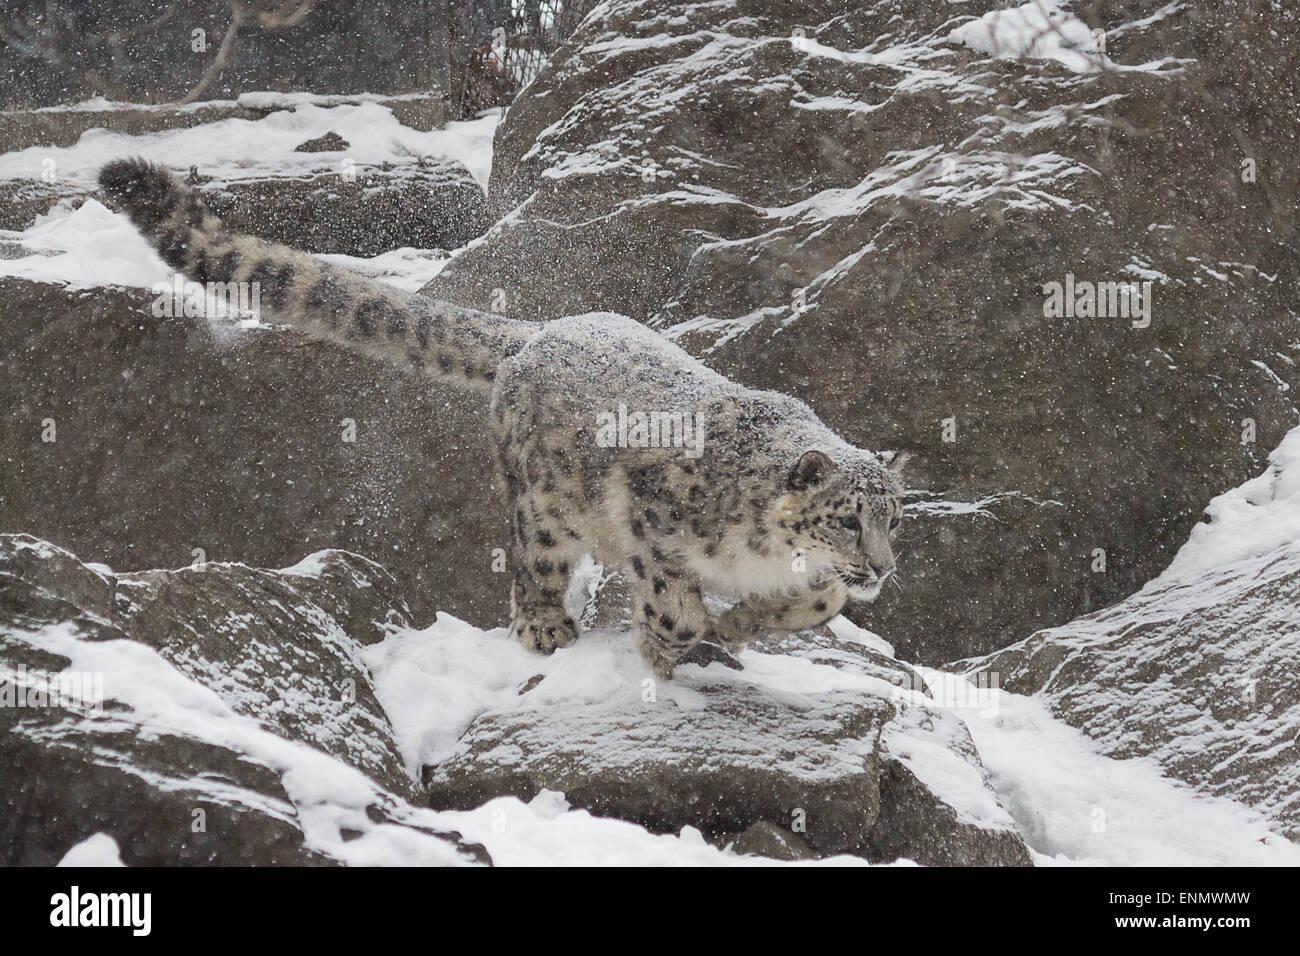 Snow Leopard- Un jeune snow leopard prend un saut d'un rocher sur un autre unexpecting snow leopard Photo Stock